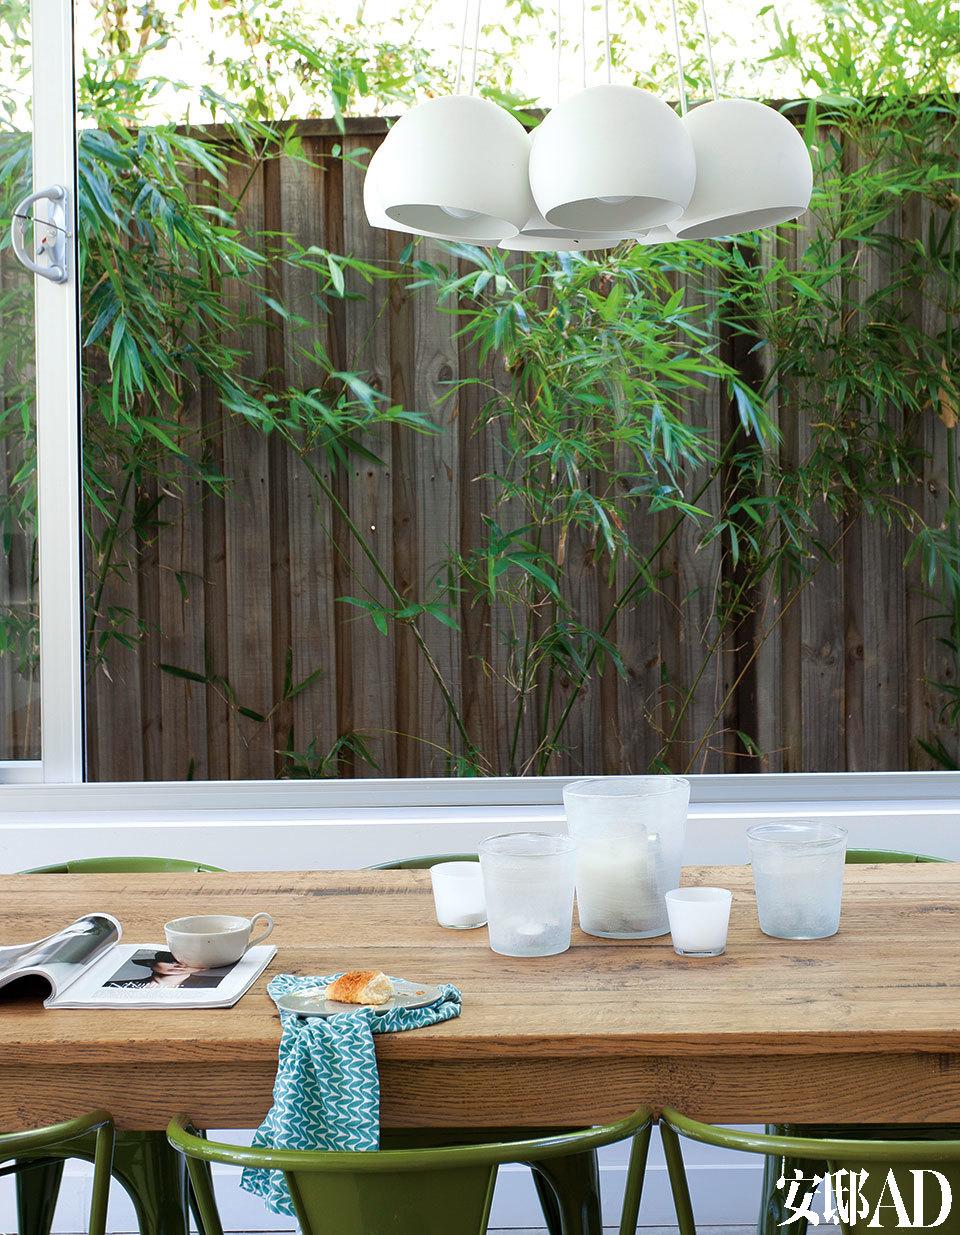 用餐区紧靠一大面窗户,窗外的绿竹摇曳,让进餐成为一件极风雅的事。餐桌来自The Willmott Collection(info@thewillmottcollection.com.au),是手工定制的再生法国橡木法式农舍餐桌。